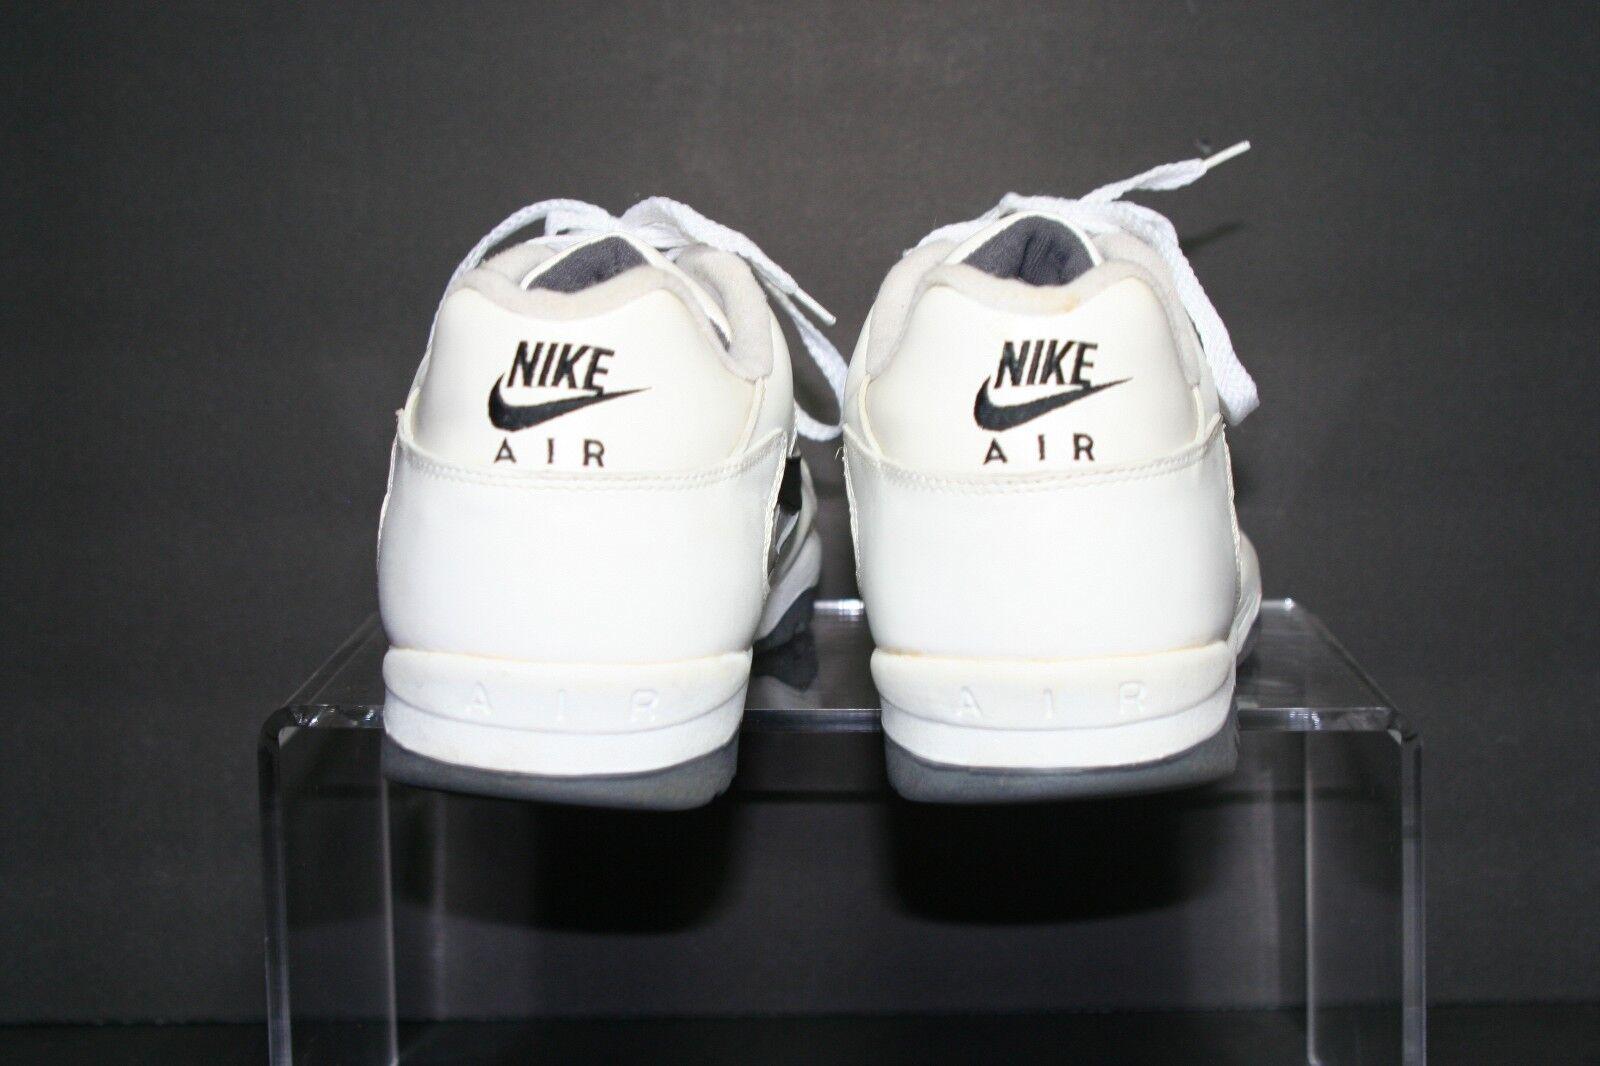 Nike alte lux lupo grigio Uomo casualmente 002 854165 002 casualmente 46 d0c0d0